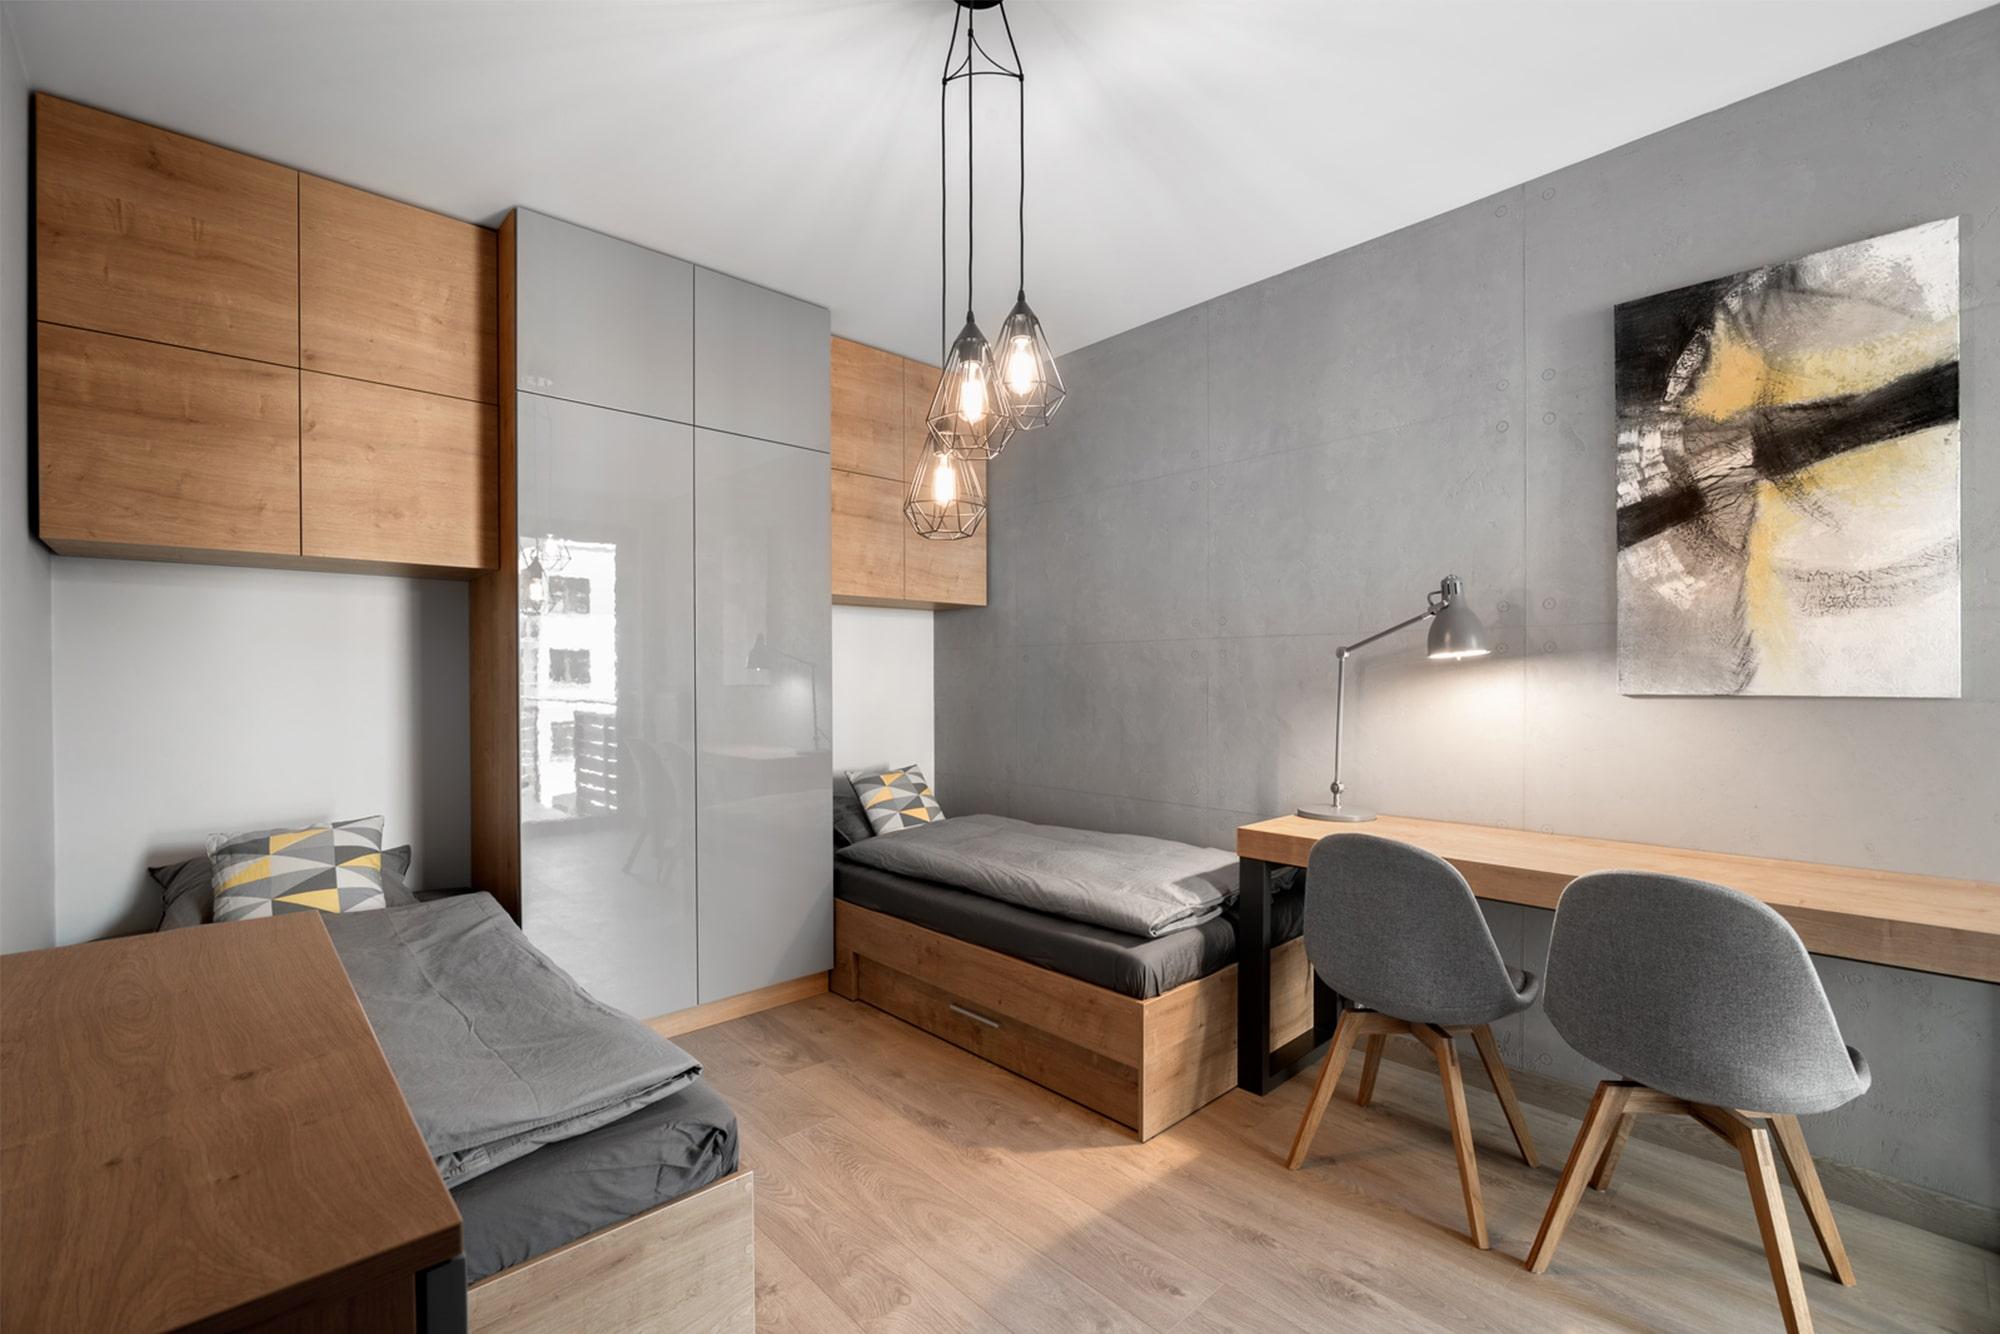 Apartment - zdjęcie